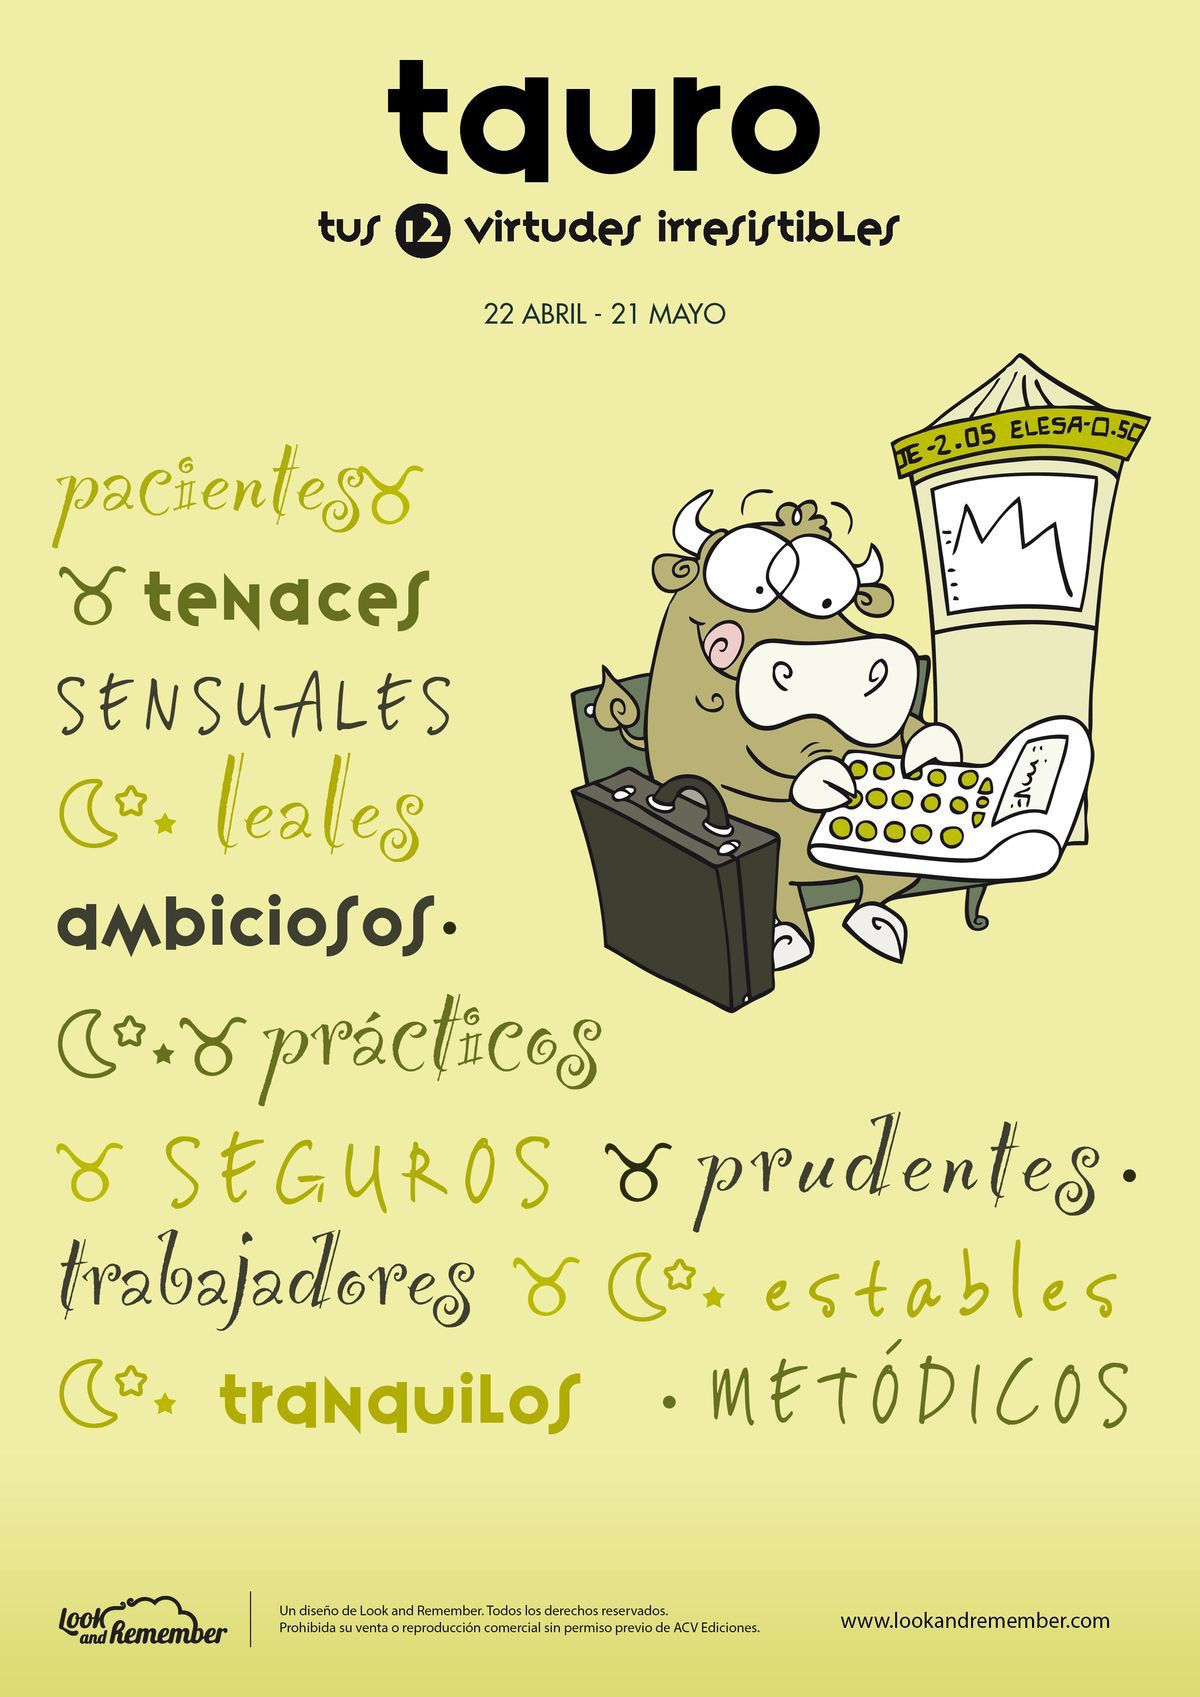 ♉️Tauro   Horóscopo ⛎   Pinterest   Tauro, Me gustas y Frases